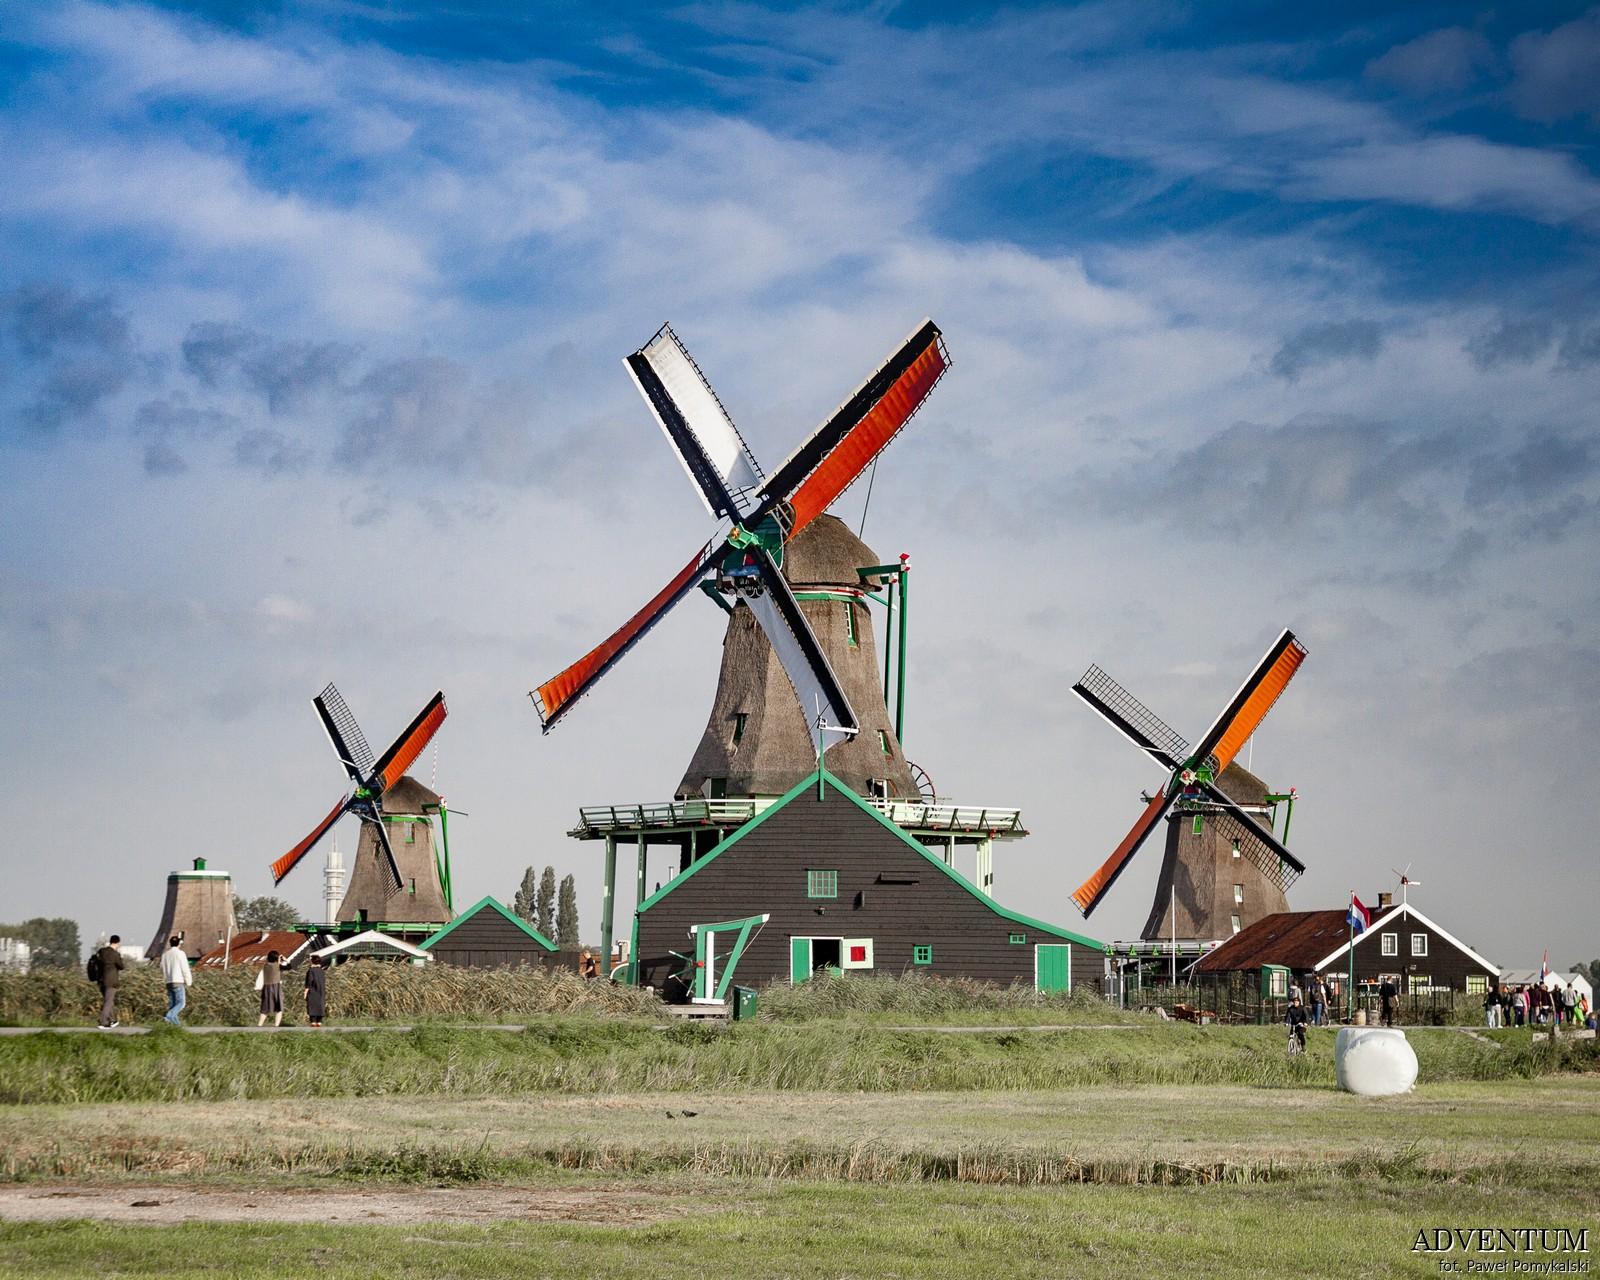 Holandia Zaanse Schans Atrakcje Zwiedzanie co Zobaczyć Amsterdam Rotterdam Haga Kanały Wiatraki